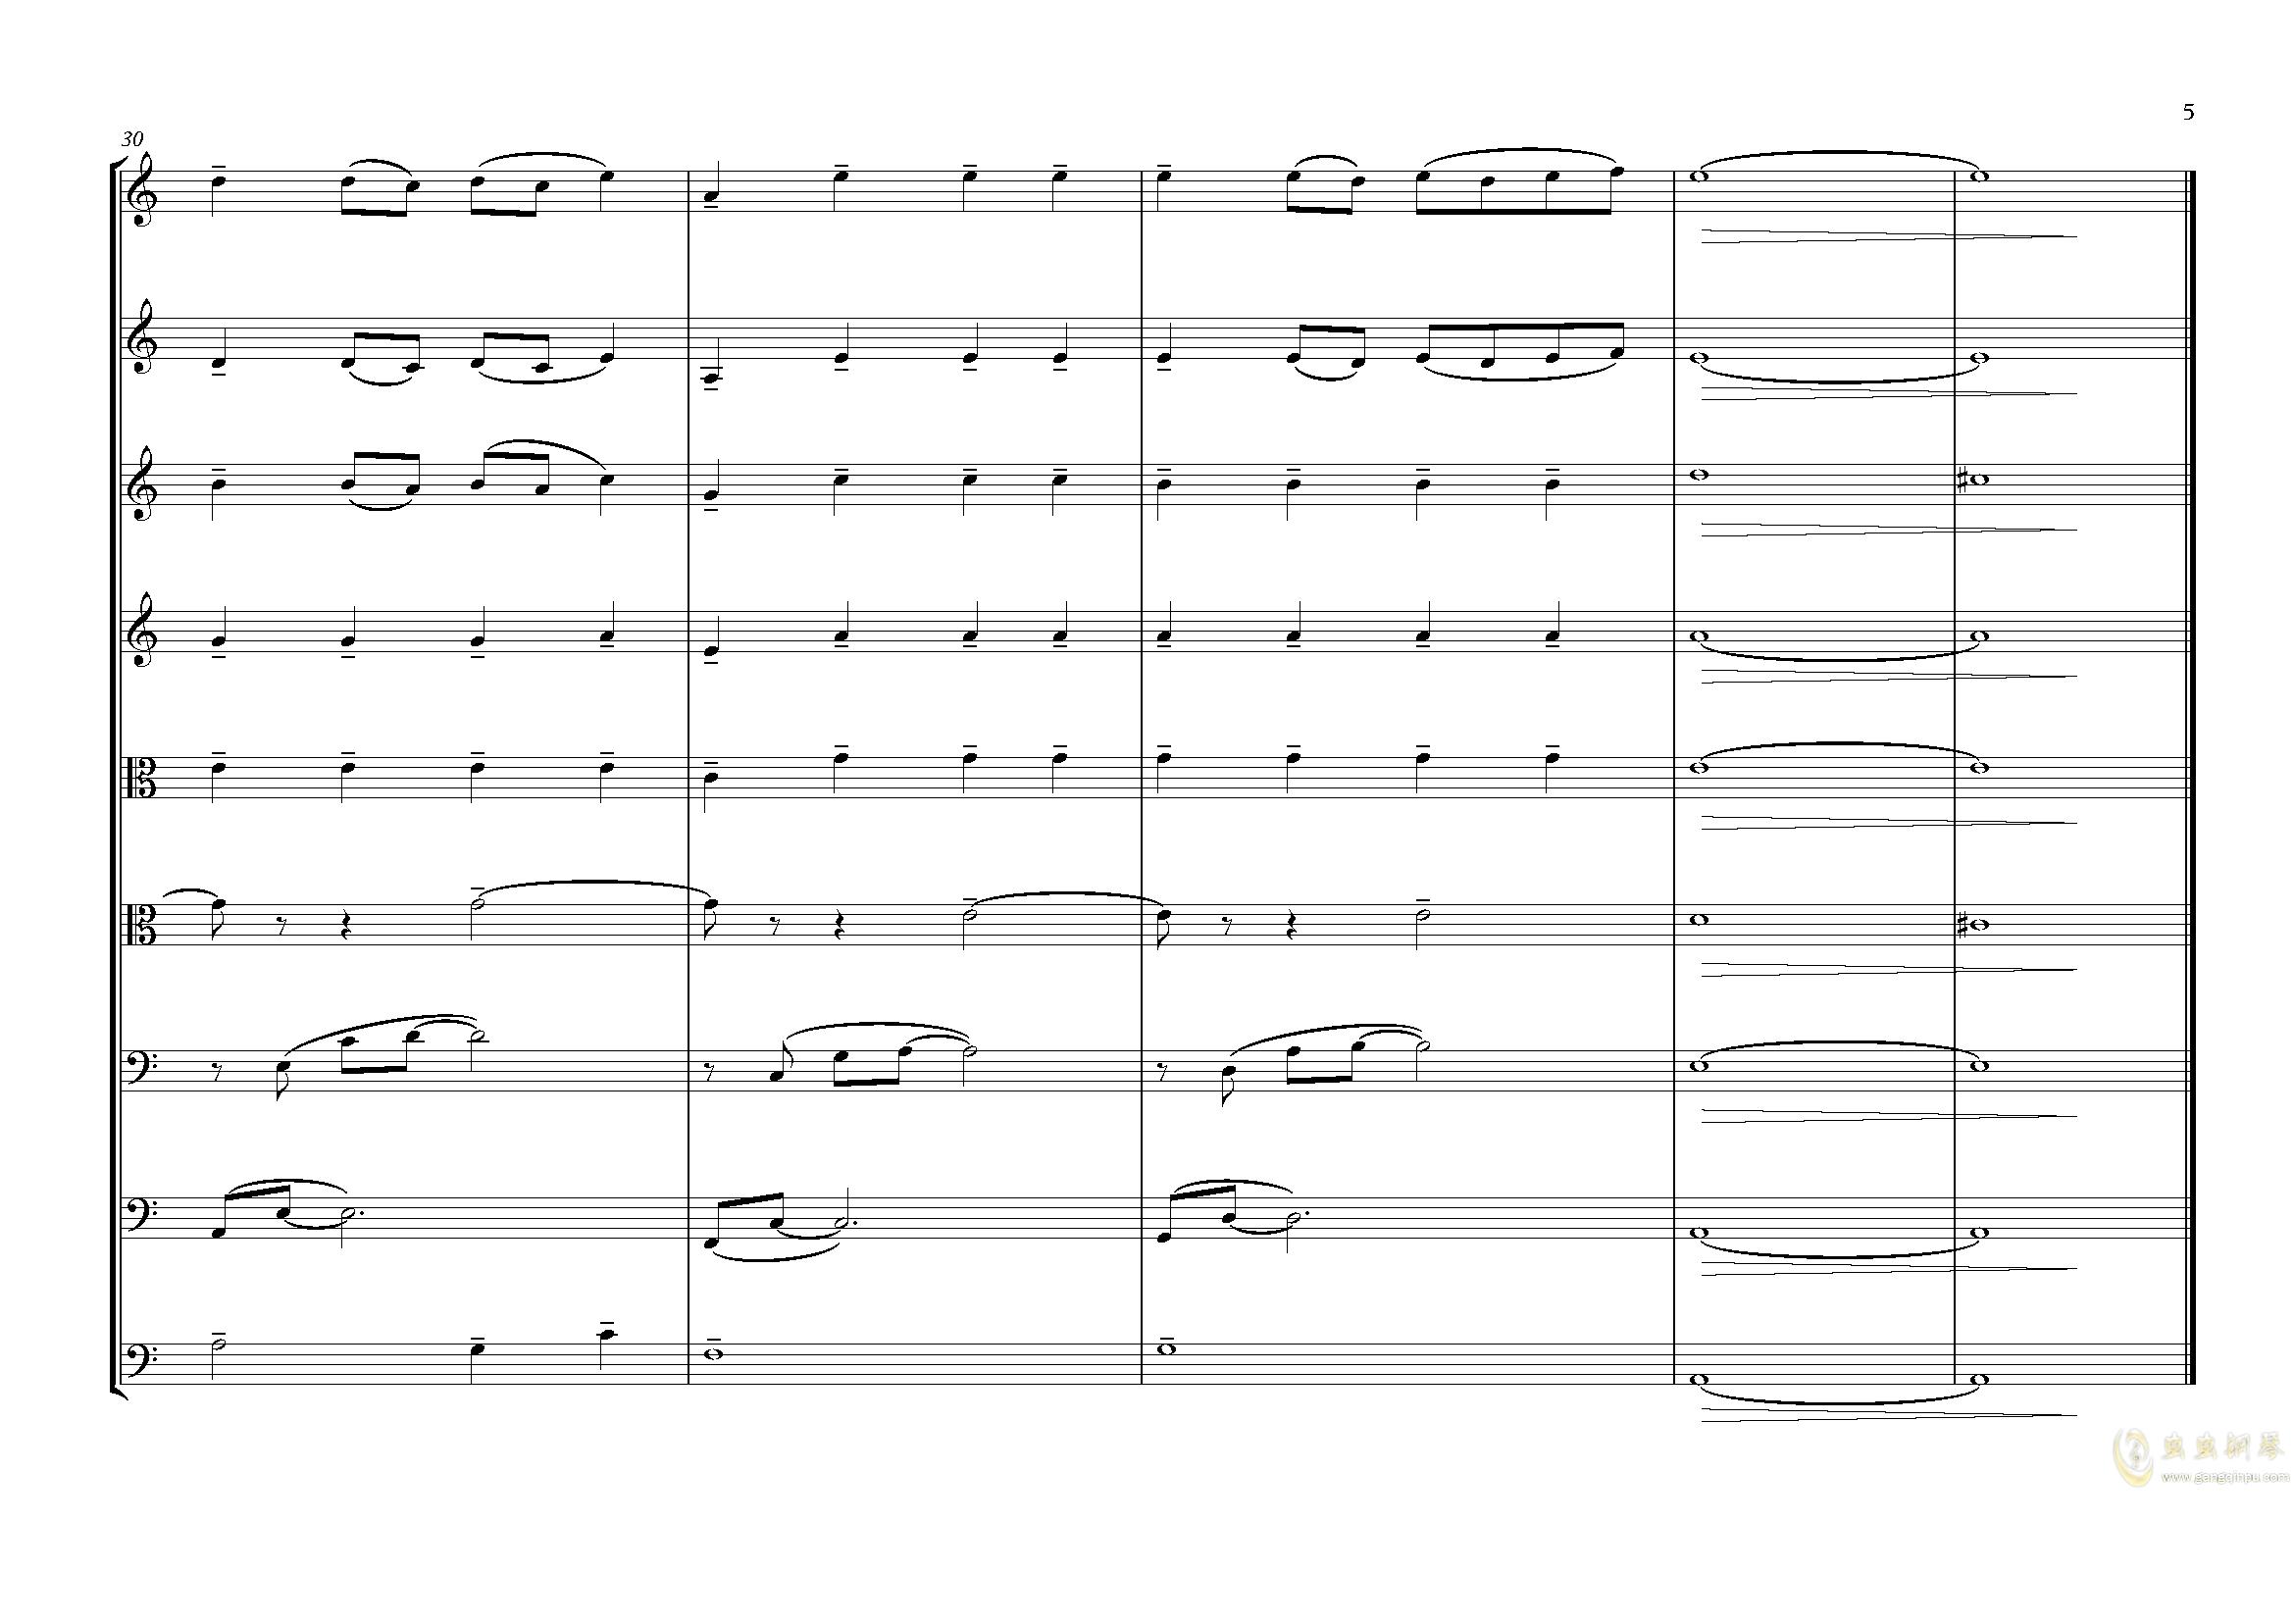 夕照-lbg钢琴谱 第5页